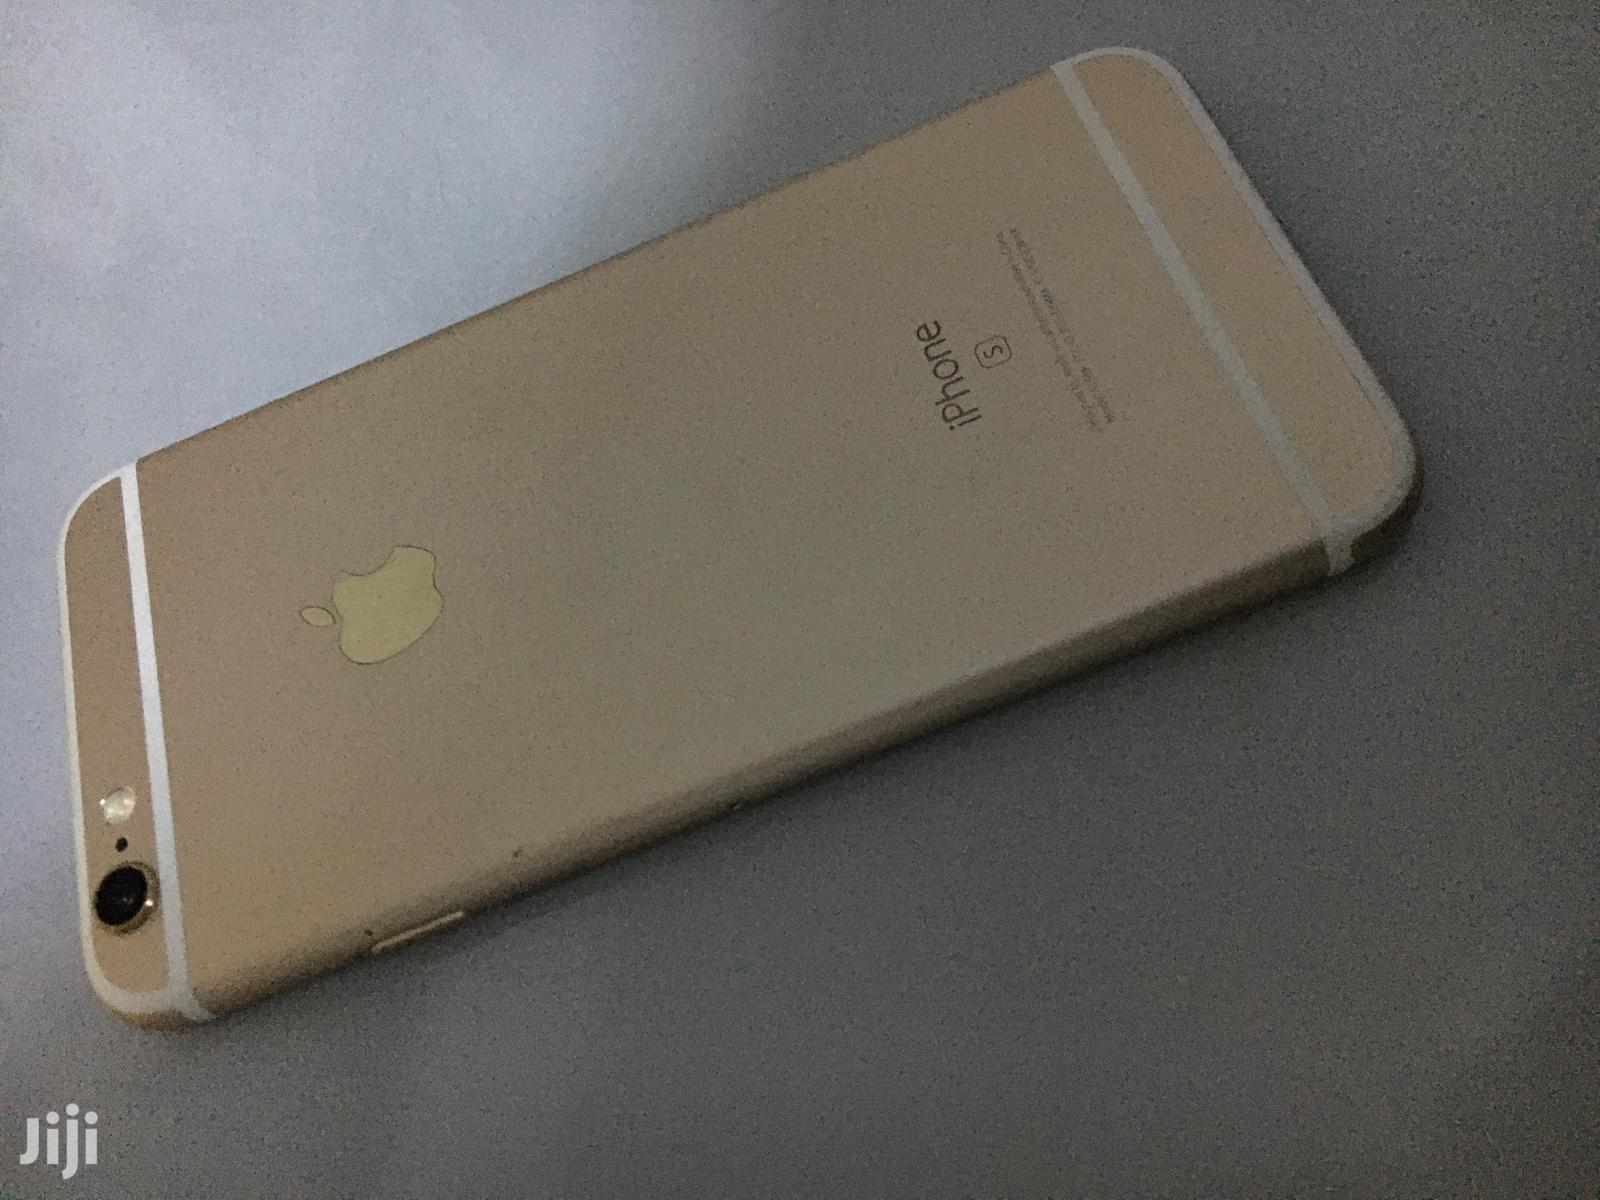 Apple iPhone 6s 64 GB Gold | Mobile Phones for sale in Kumasi Metropolitan, Ashanti, Ghana